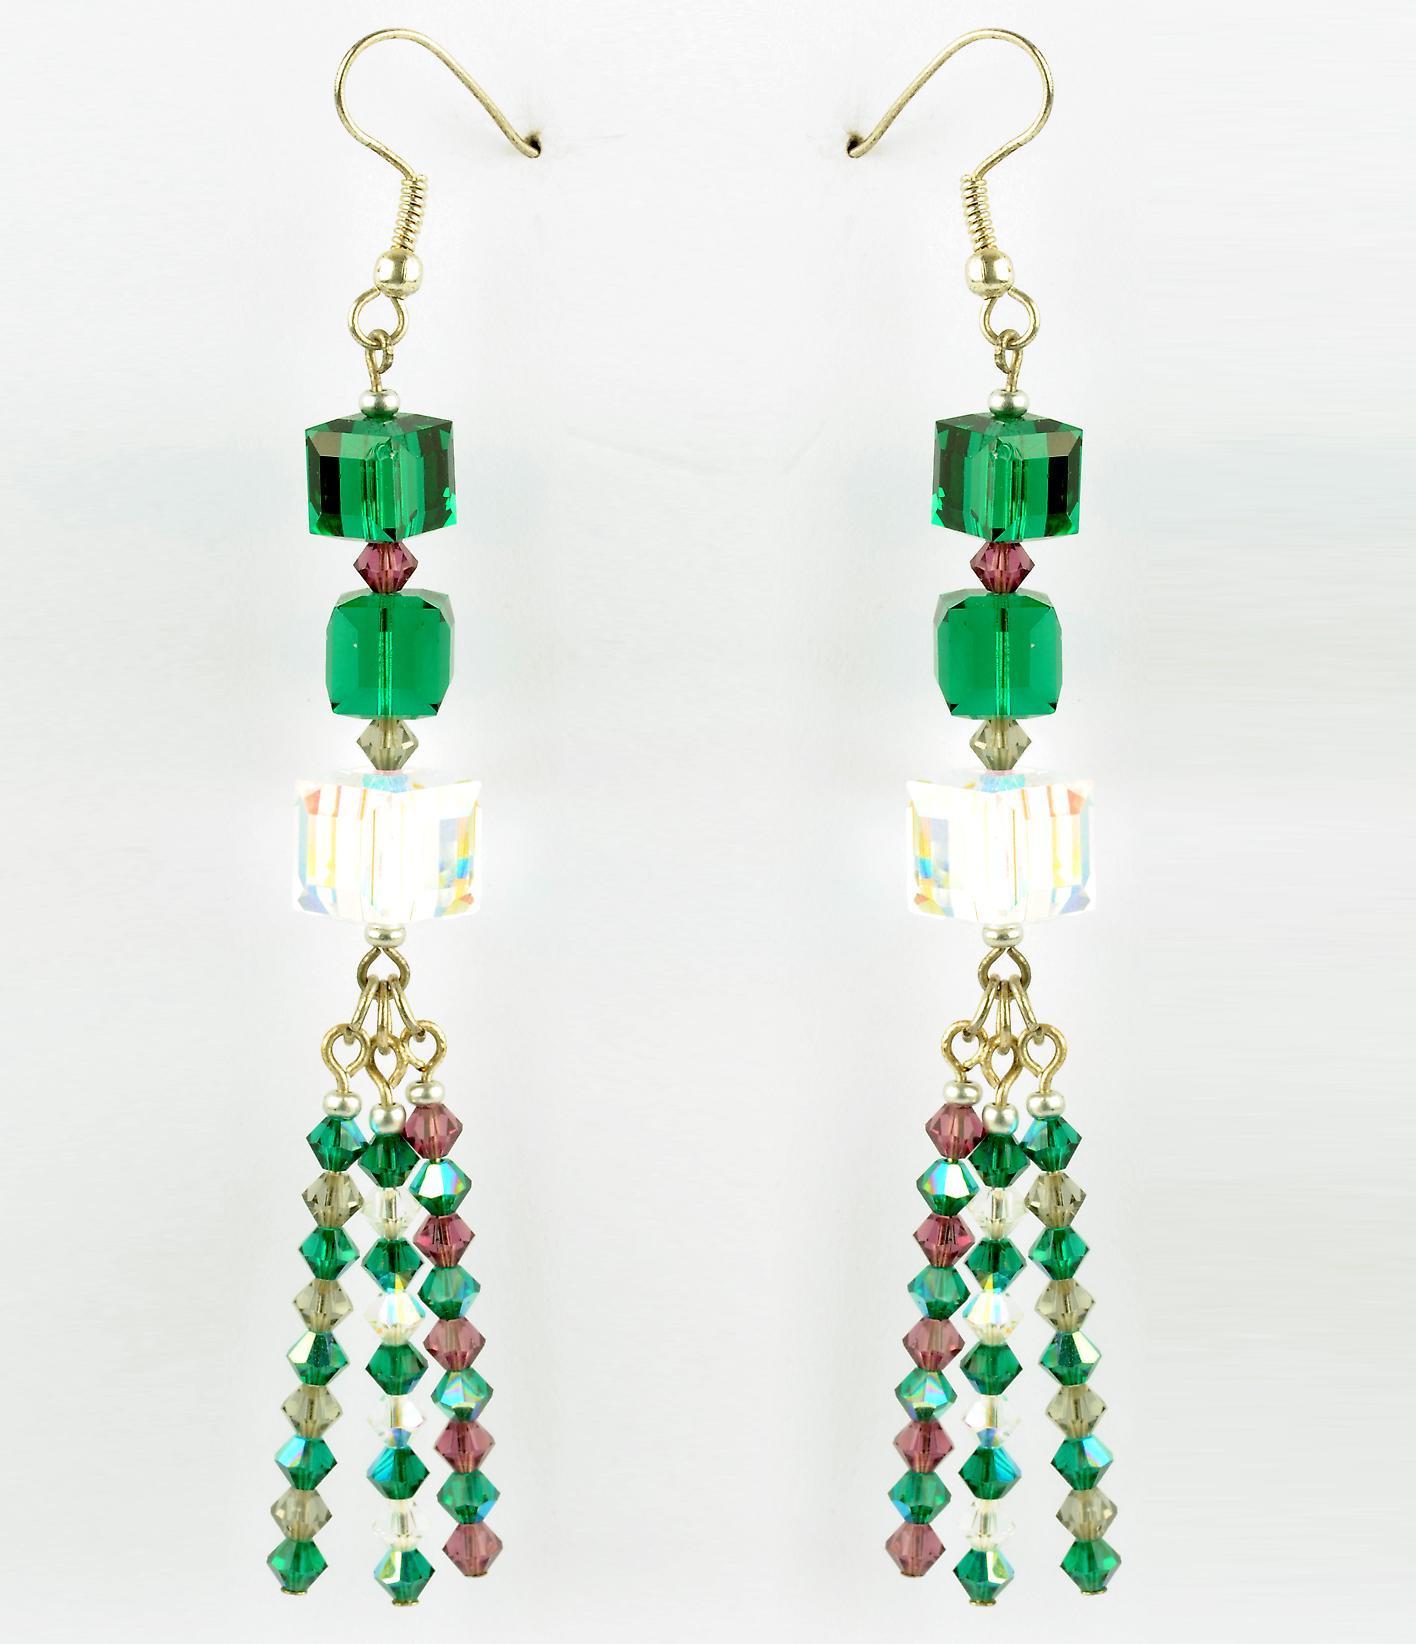 Waooh - smykker - WJ0779 - øredobber med Rhinestone Swarovski grønn hvit lilla - mount silver